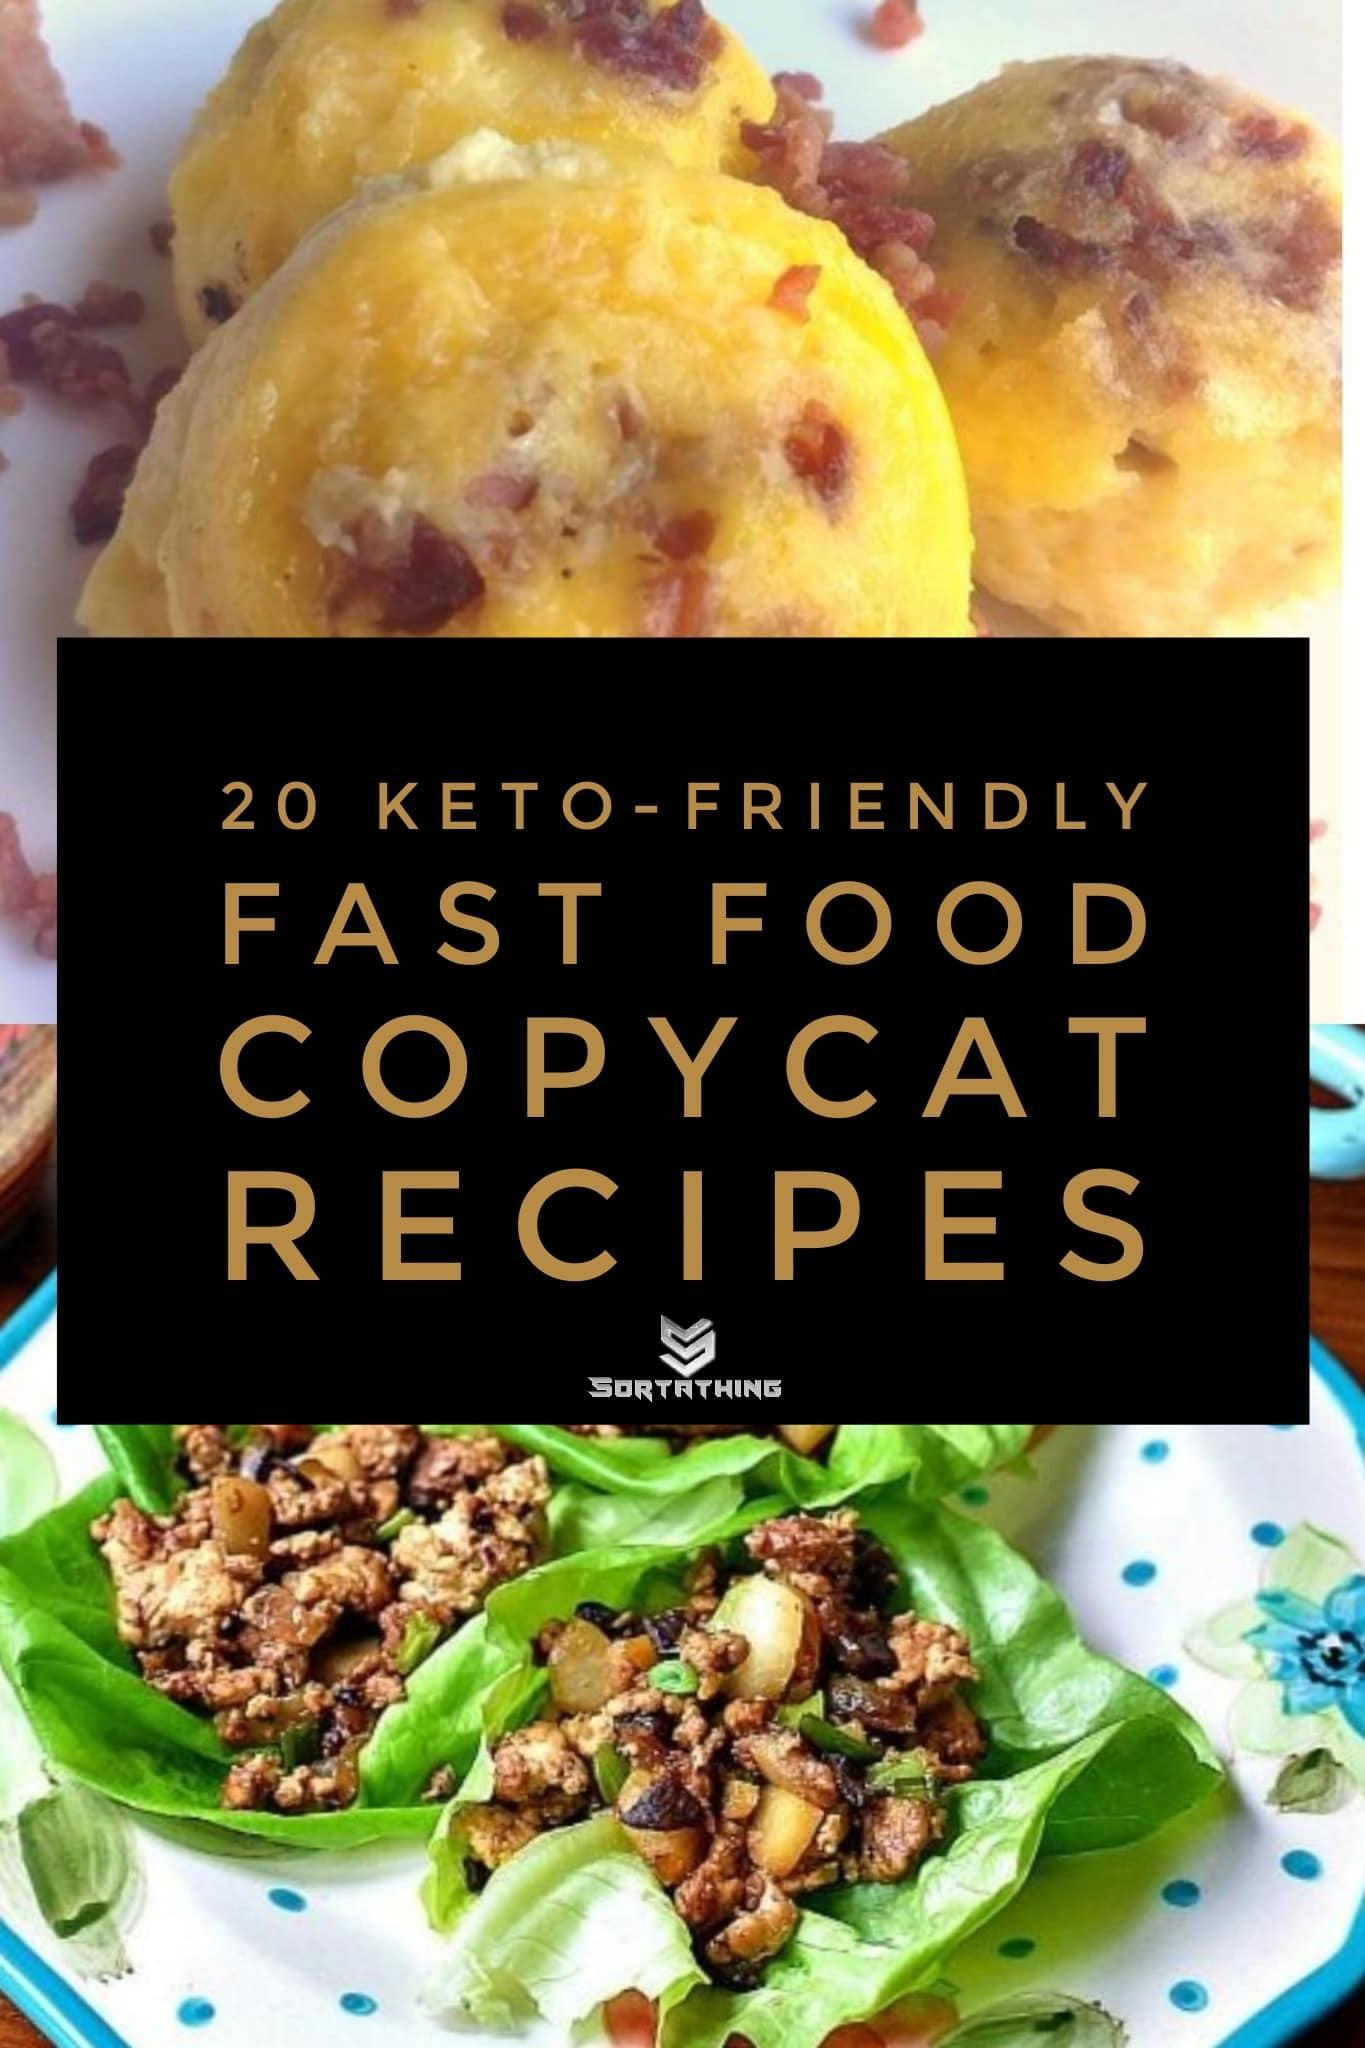 Keto Copycat Sous Vide Egg Bites & P.F. Chang's Lettuce Wraps